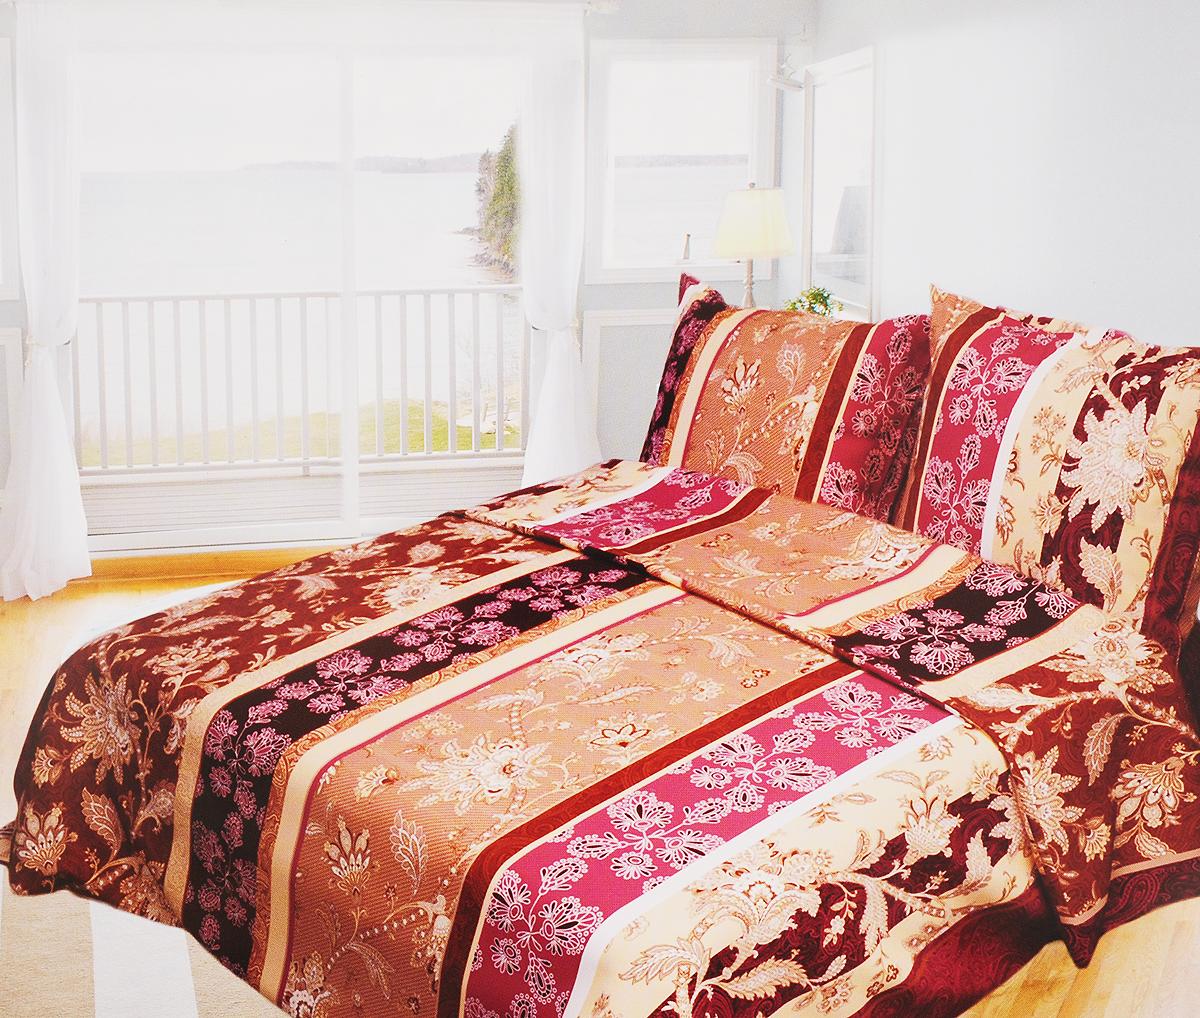 Комплект белья Олеся Мавританский ажур, 1,5-спальный, наволочки 70х70, цвет: бежево-бордовый олеся мовсина про контра и цетера